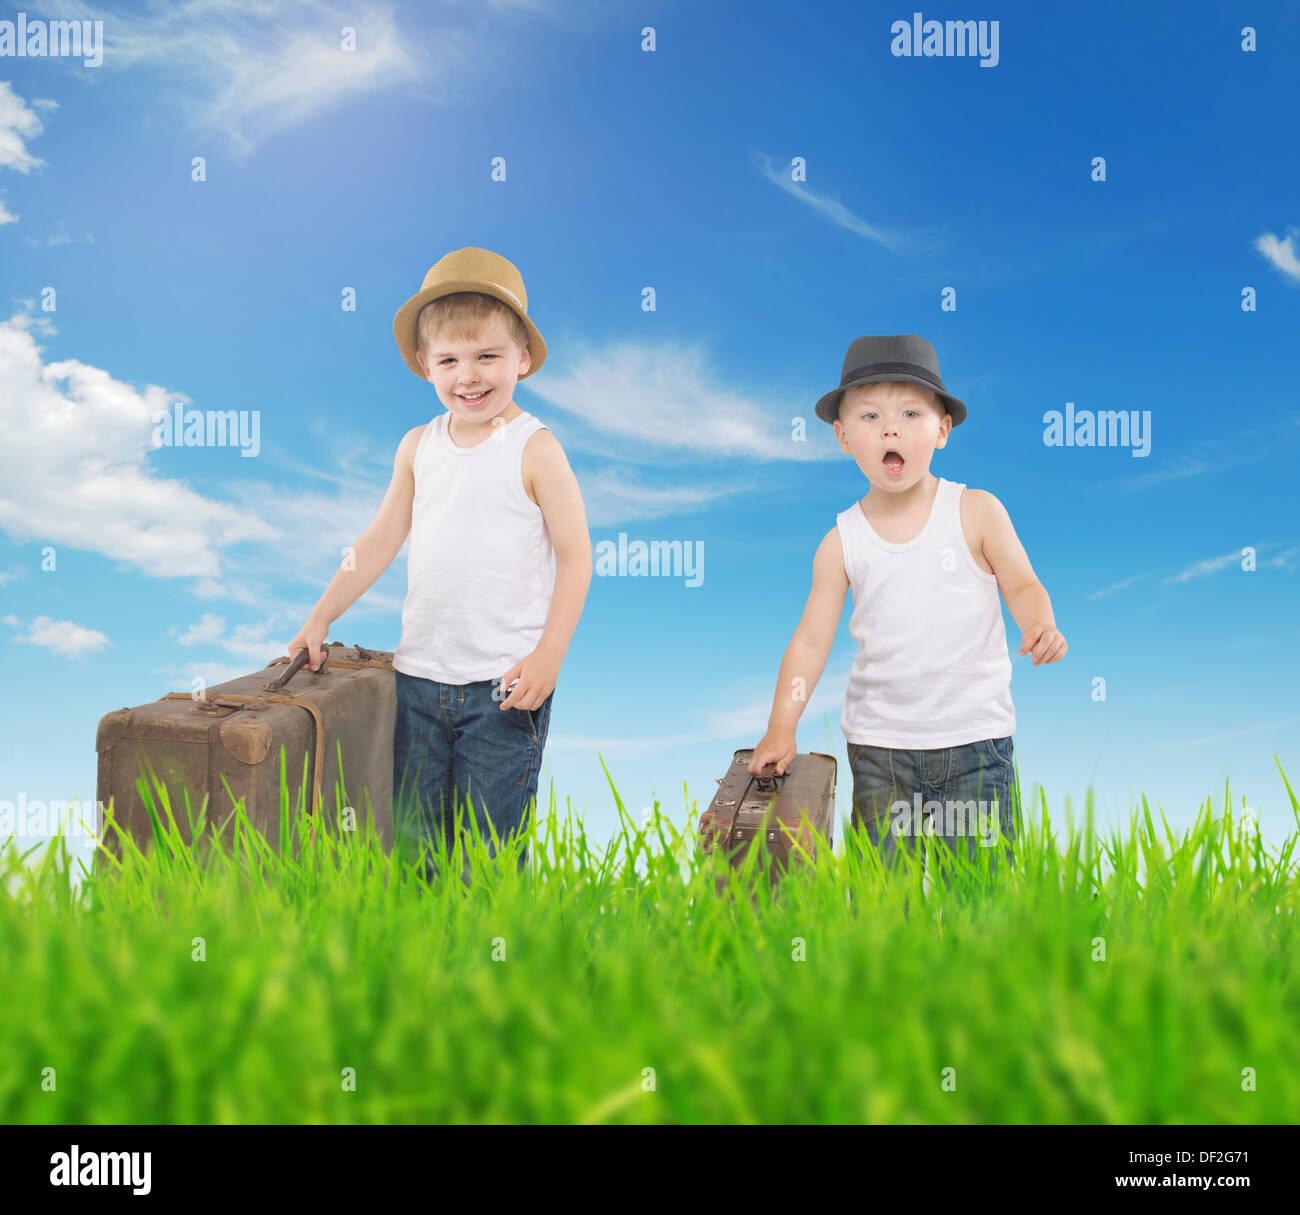 Schickes Bild von zwei Brüdern, die mit Gepäck laufen Stockbild